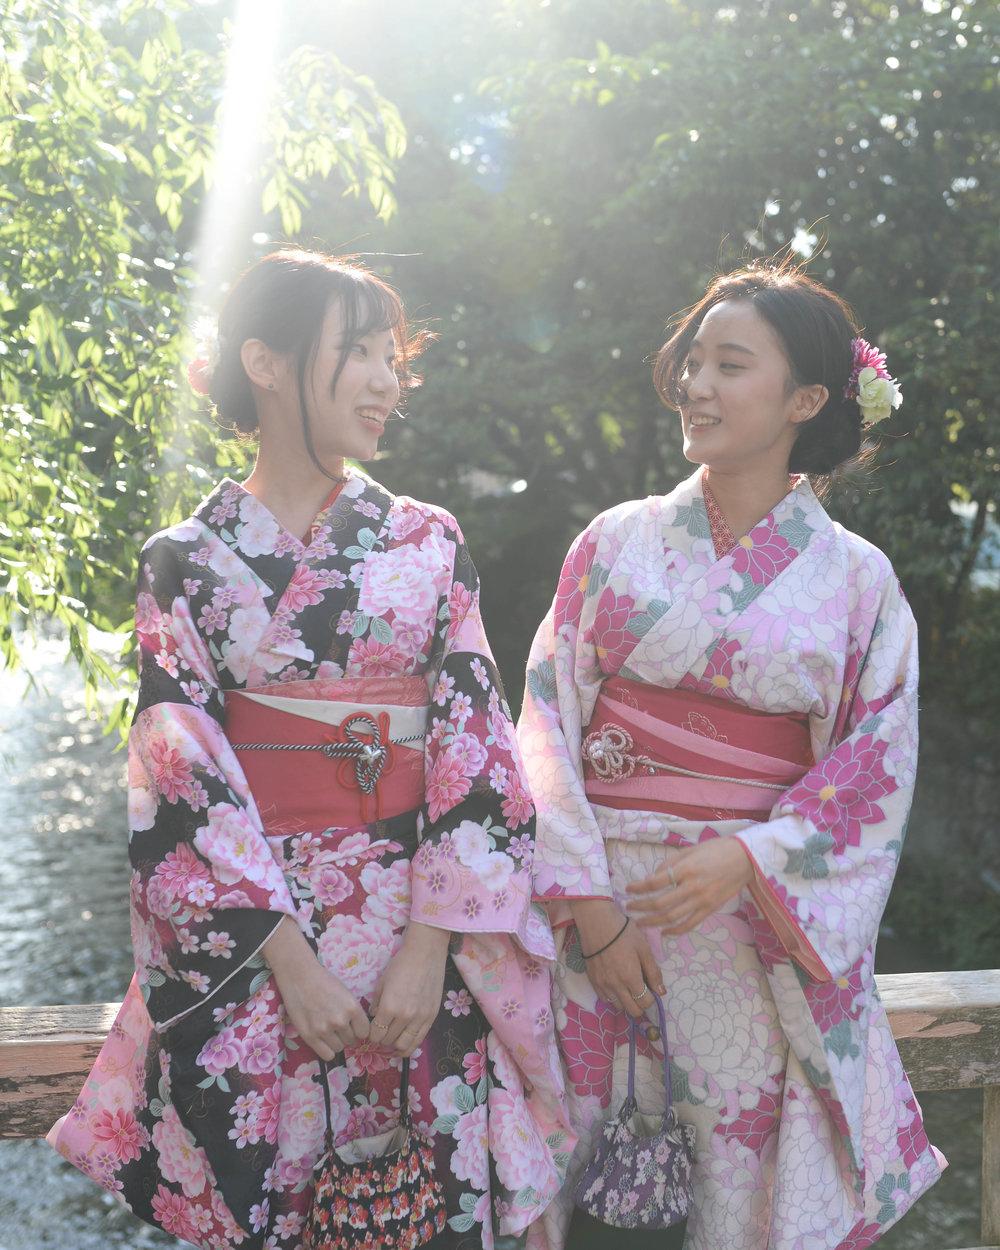 blogpost-japan-26.jpg